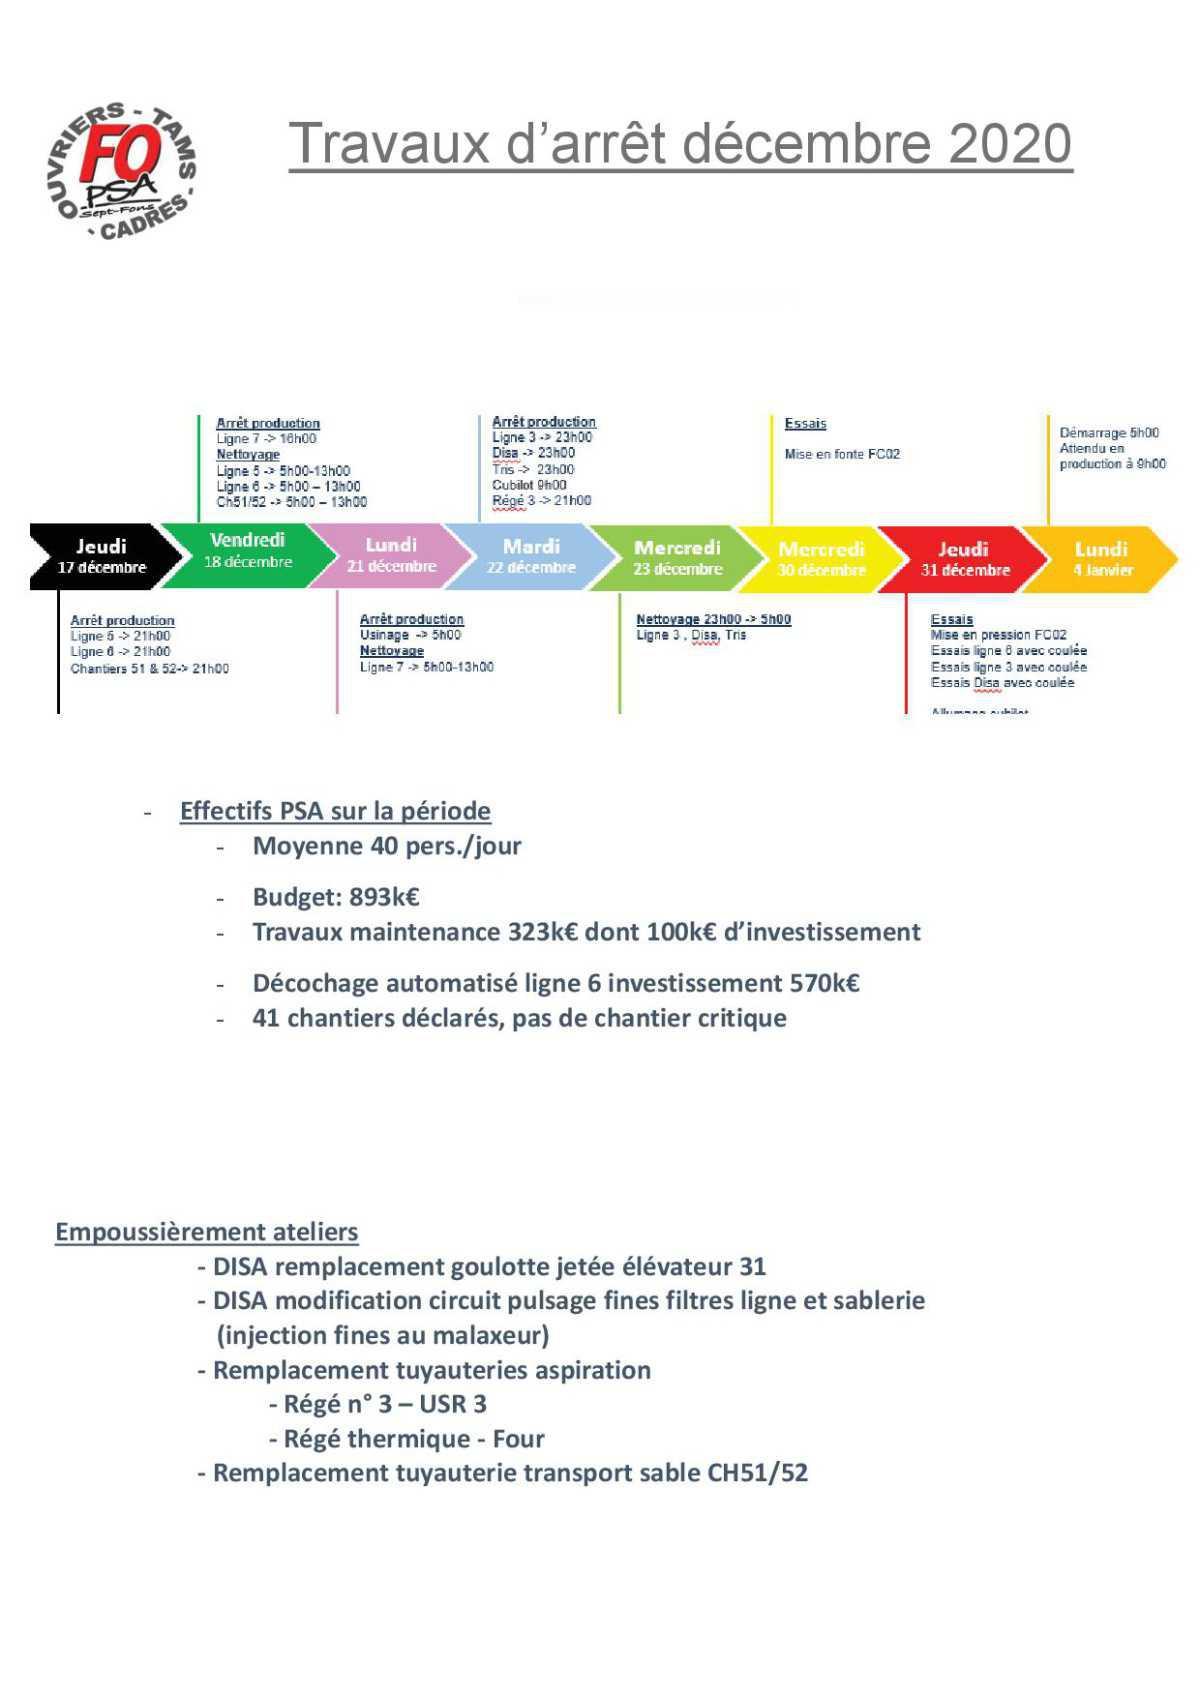 Reunion CSSCT présentation des travaux de Décembre 2020